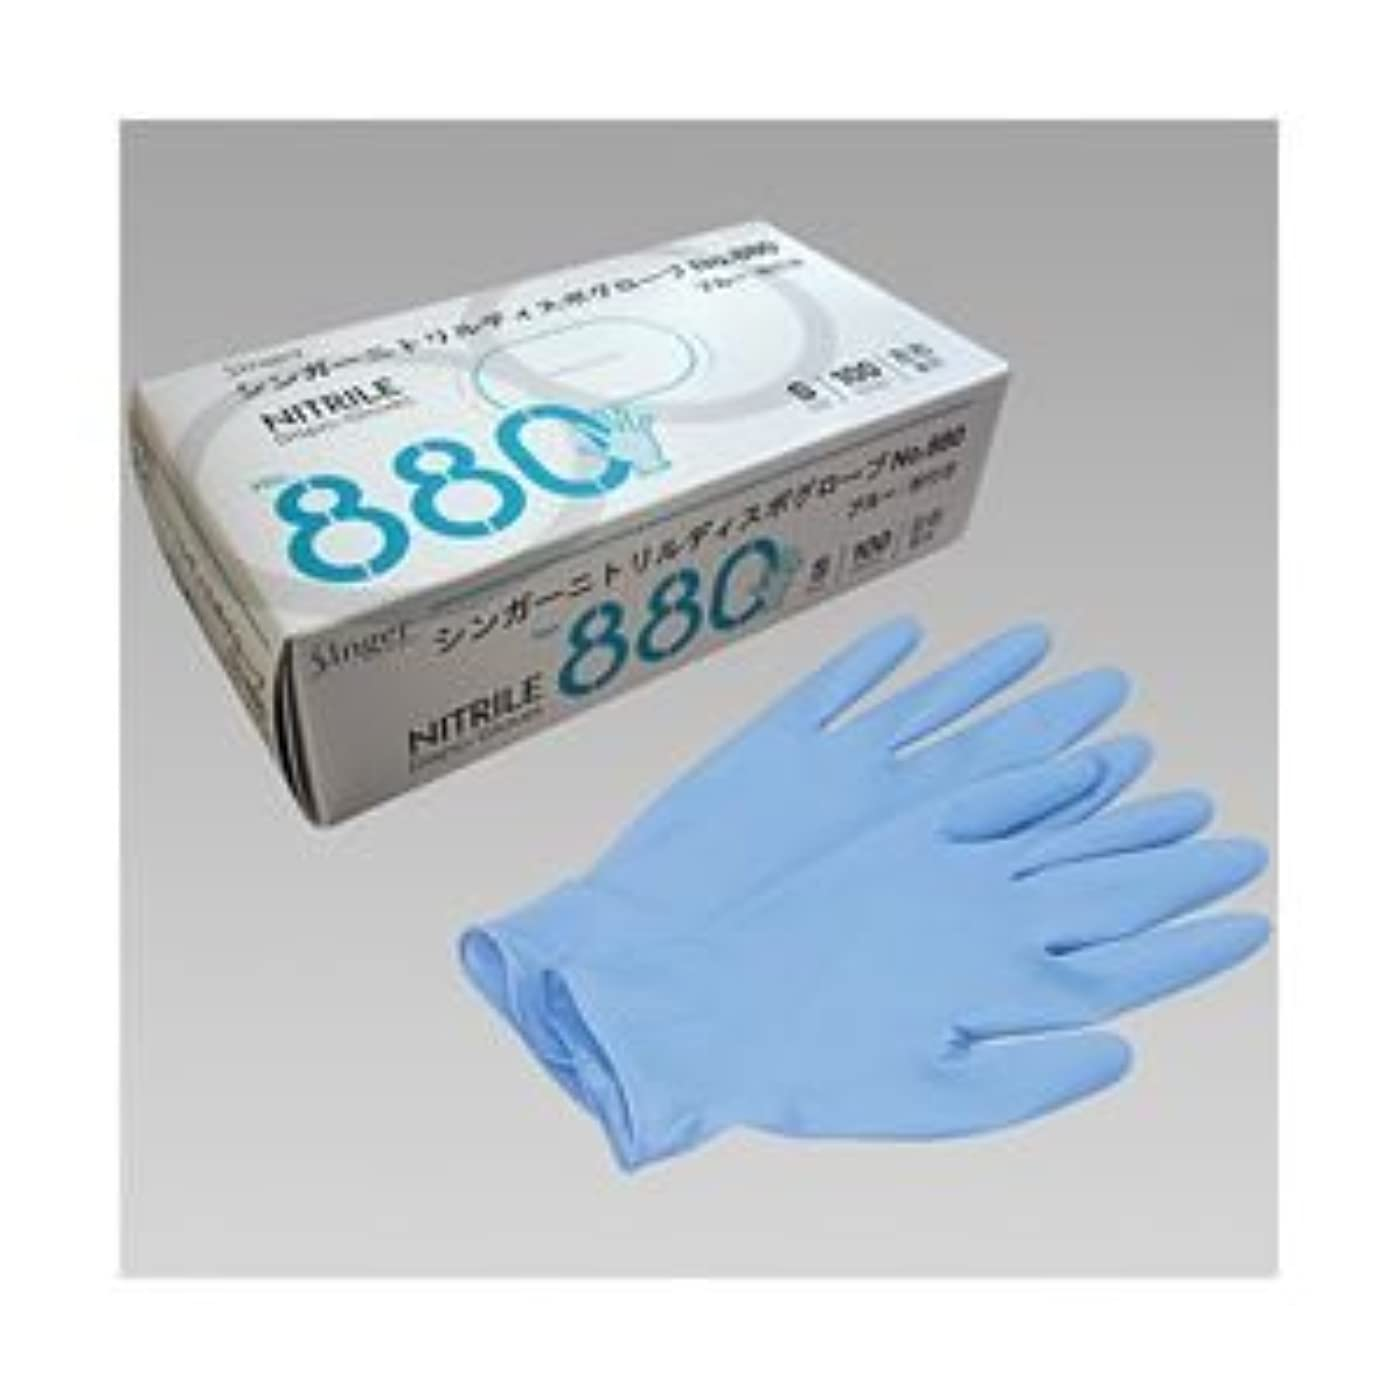 ブラジャー業界生き物宇都宮製作 ニトリル手袋 粉付き ブルー S 1箱(100枚) ×5セット